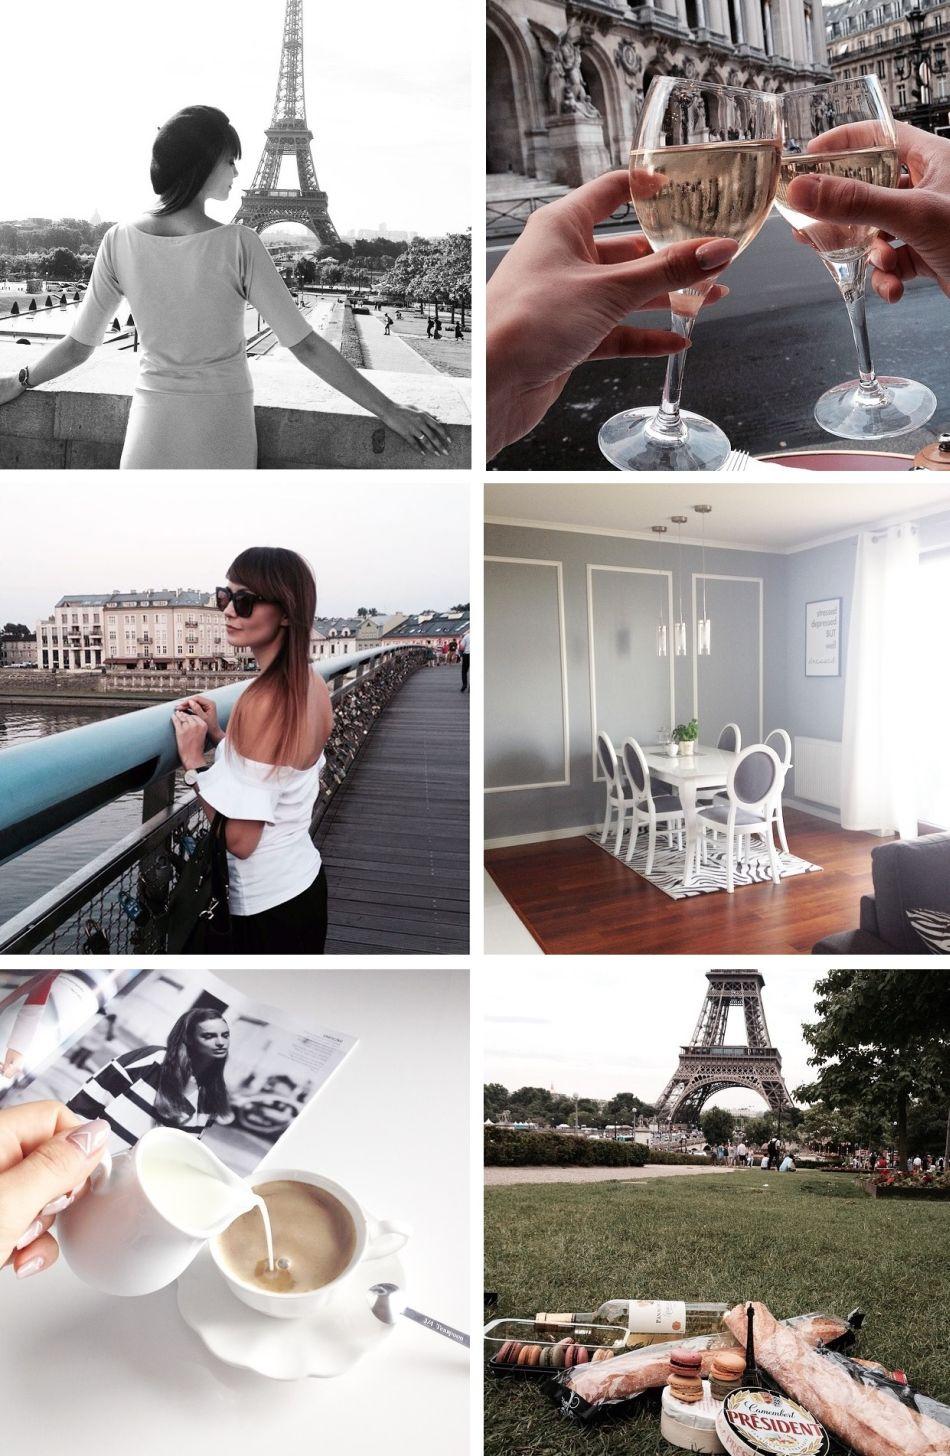 blog modowy | blogerka modowa | blogi o modzie | instagram blogerki